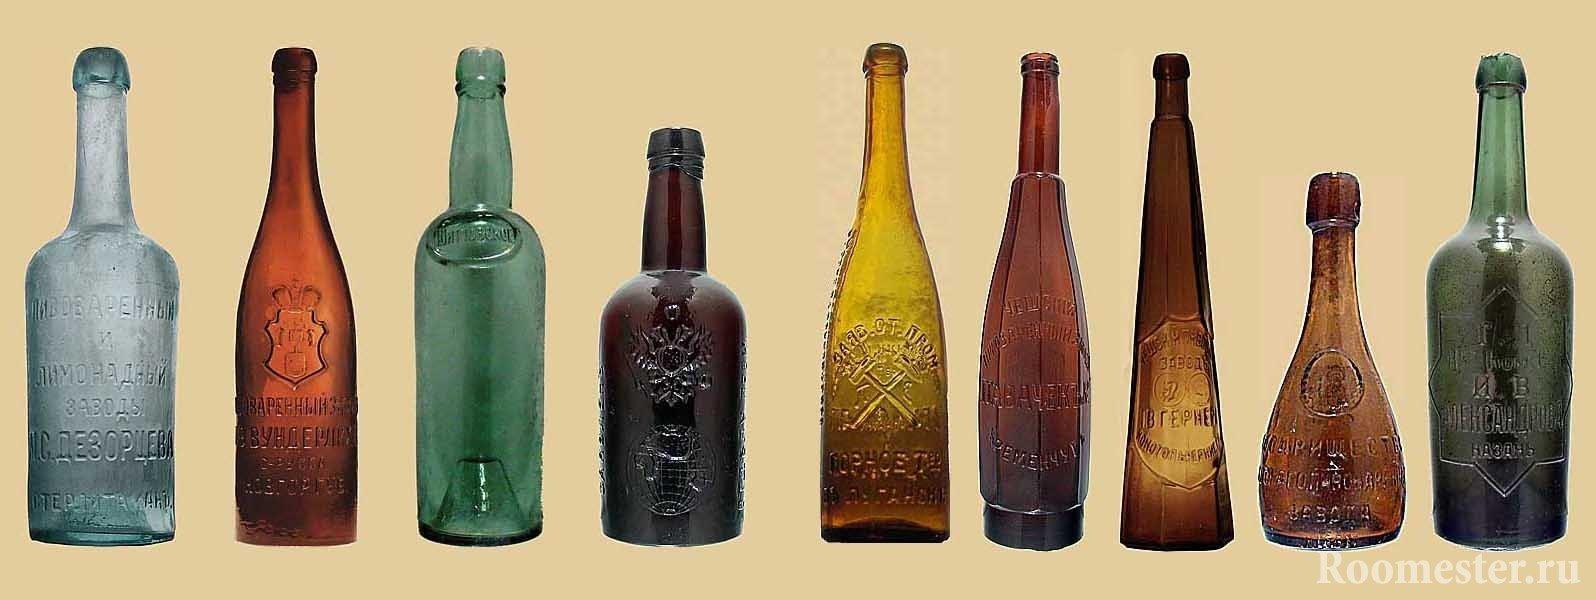 Старинная бутылка своими руками фото 879